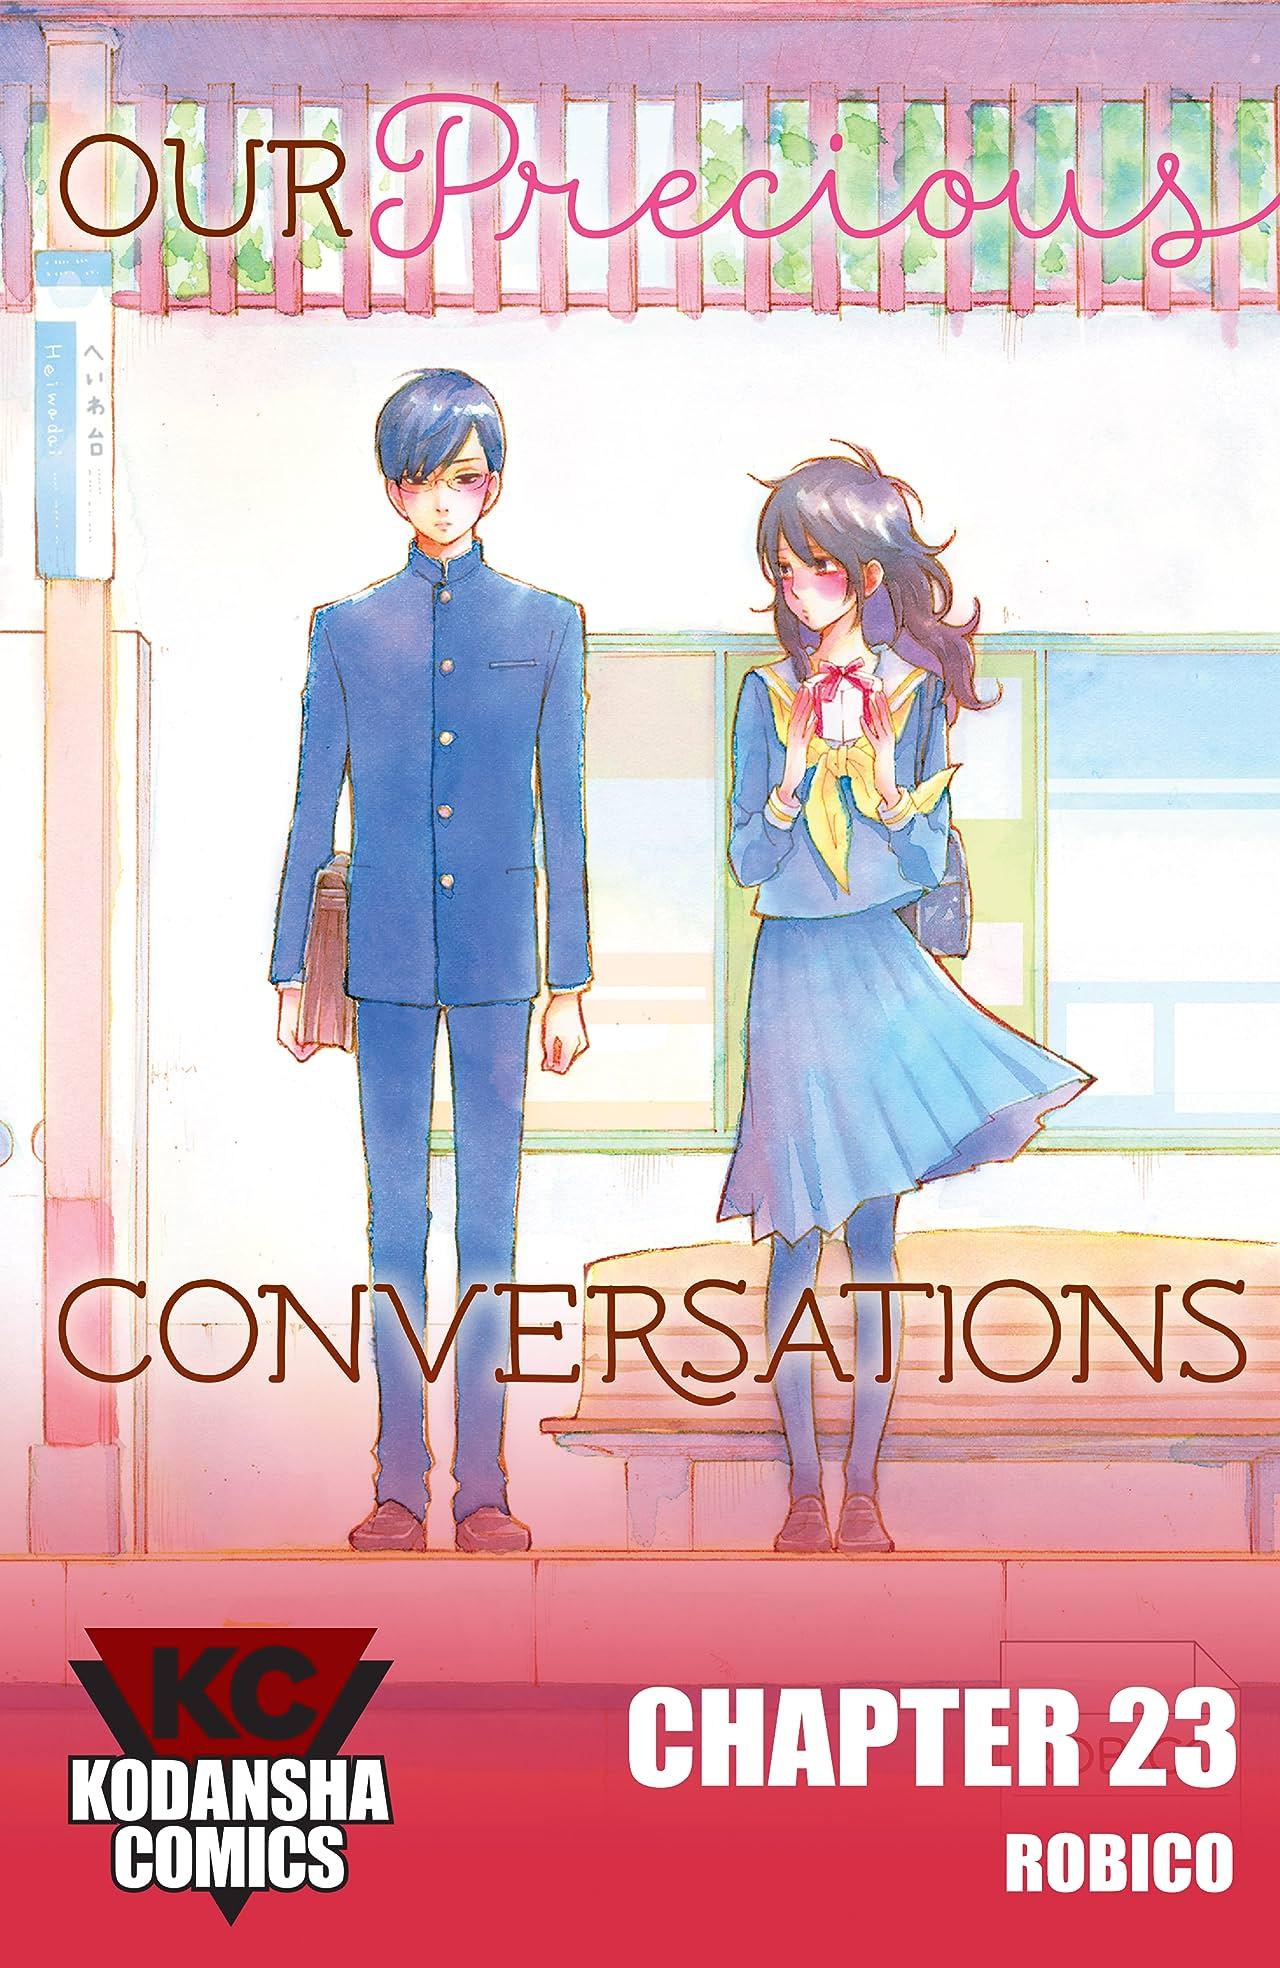 Our Precious Conversations #23